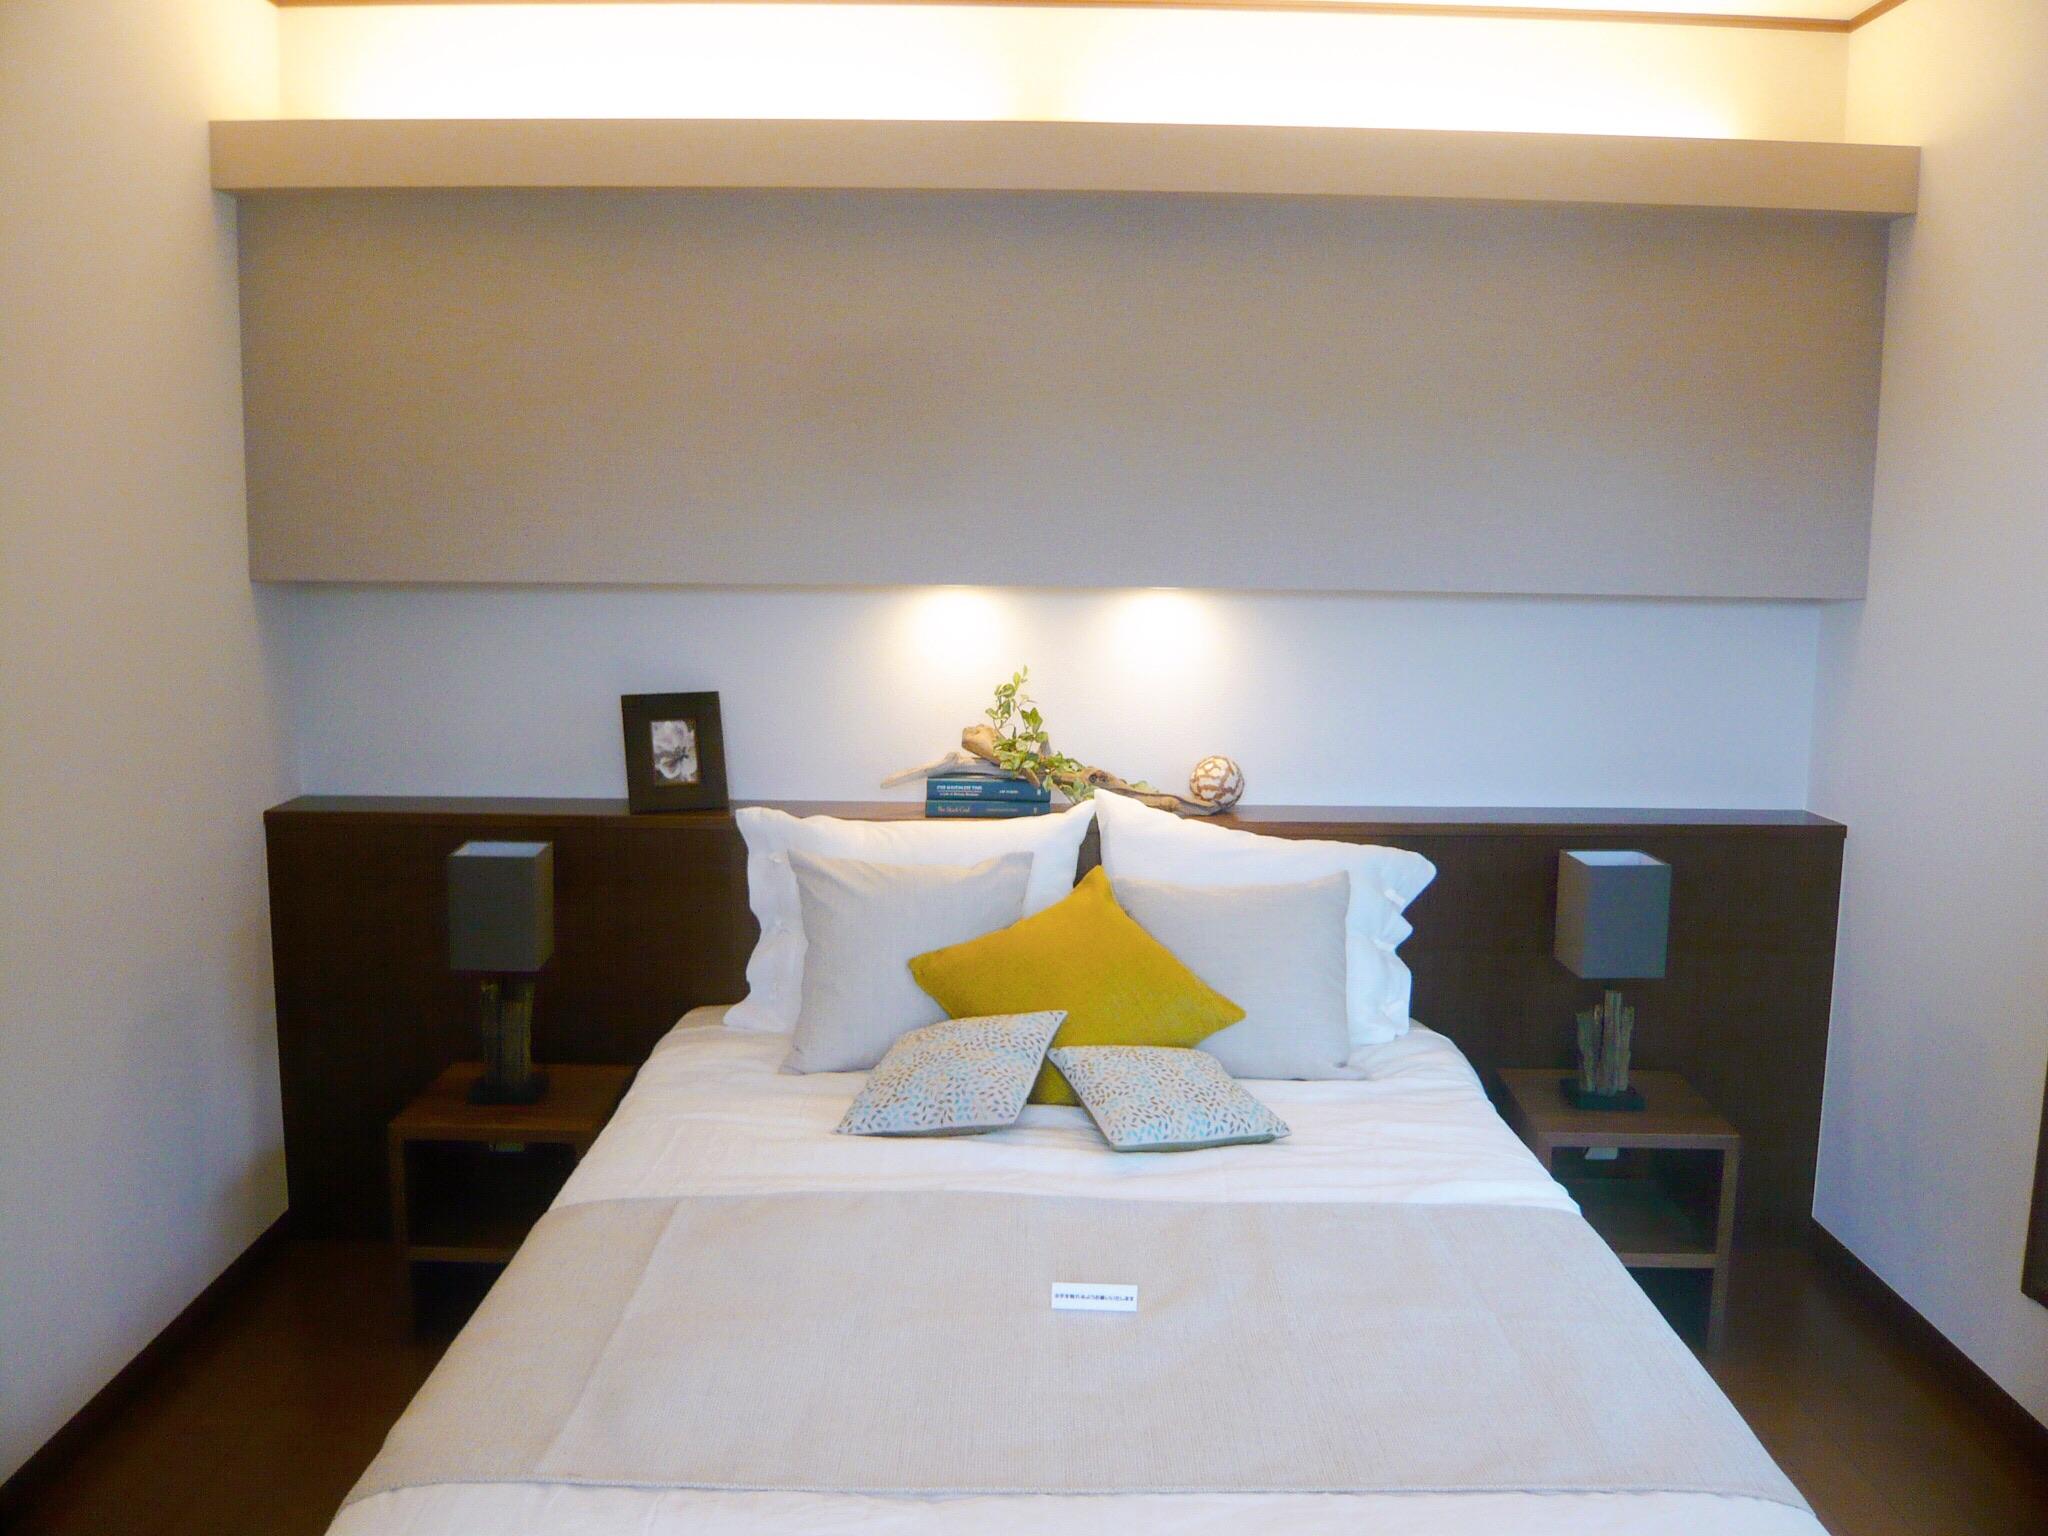 間接照明でラグジュアリー感のある寝室